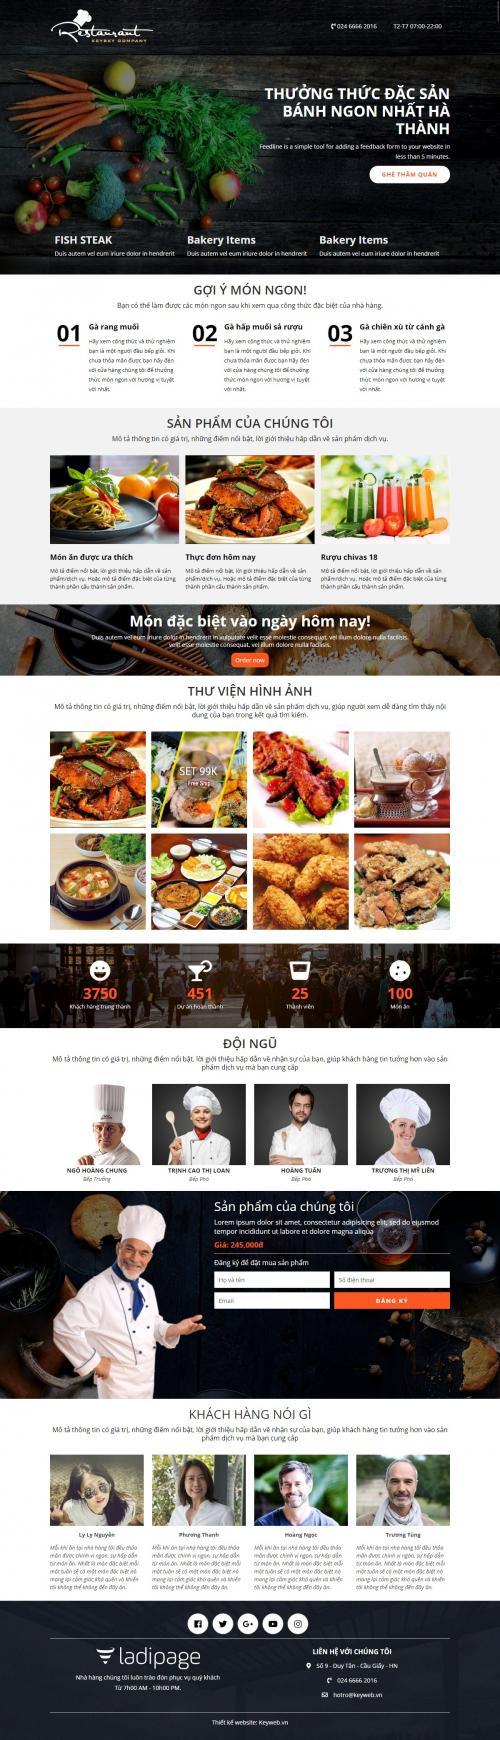 Giới thiệu nhà hàng Restaurant